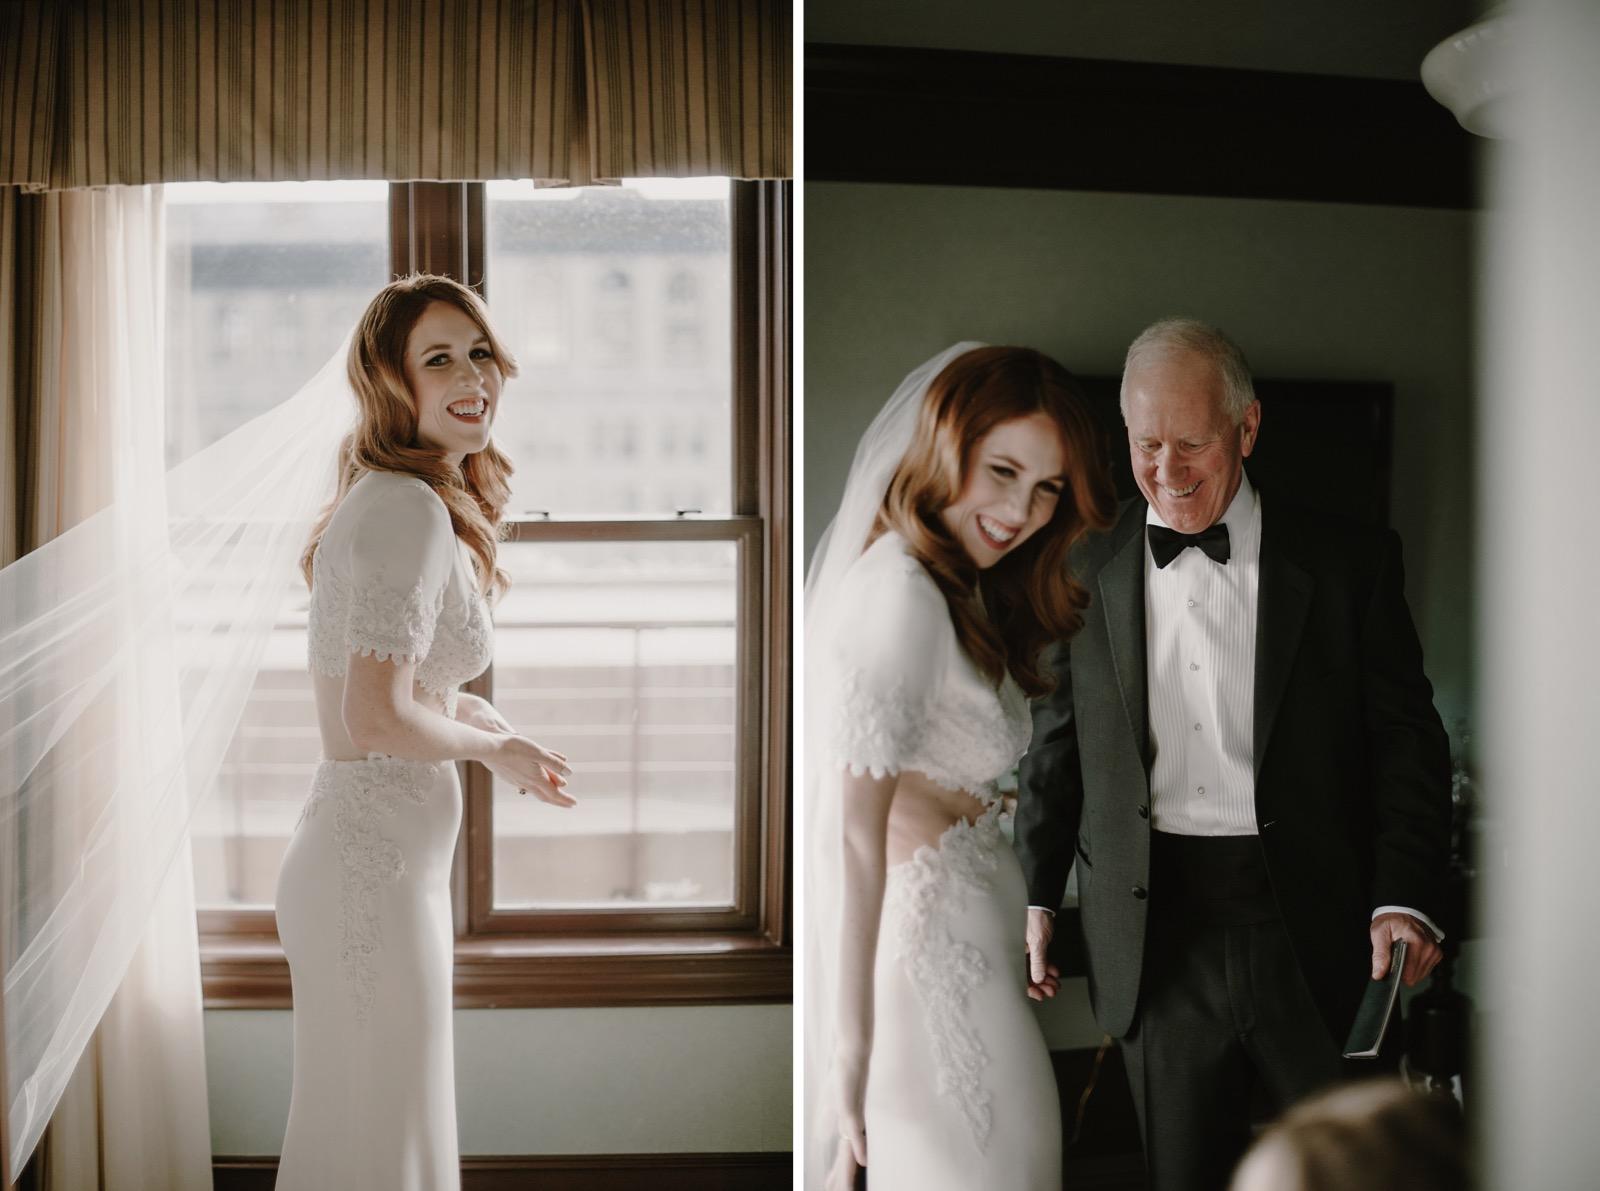 039_Arctic_Club_Wedding_Seattle_069_Arctic_Club_Wedding_Seattle_068.jpg